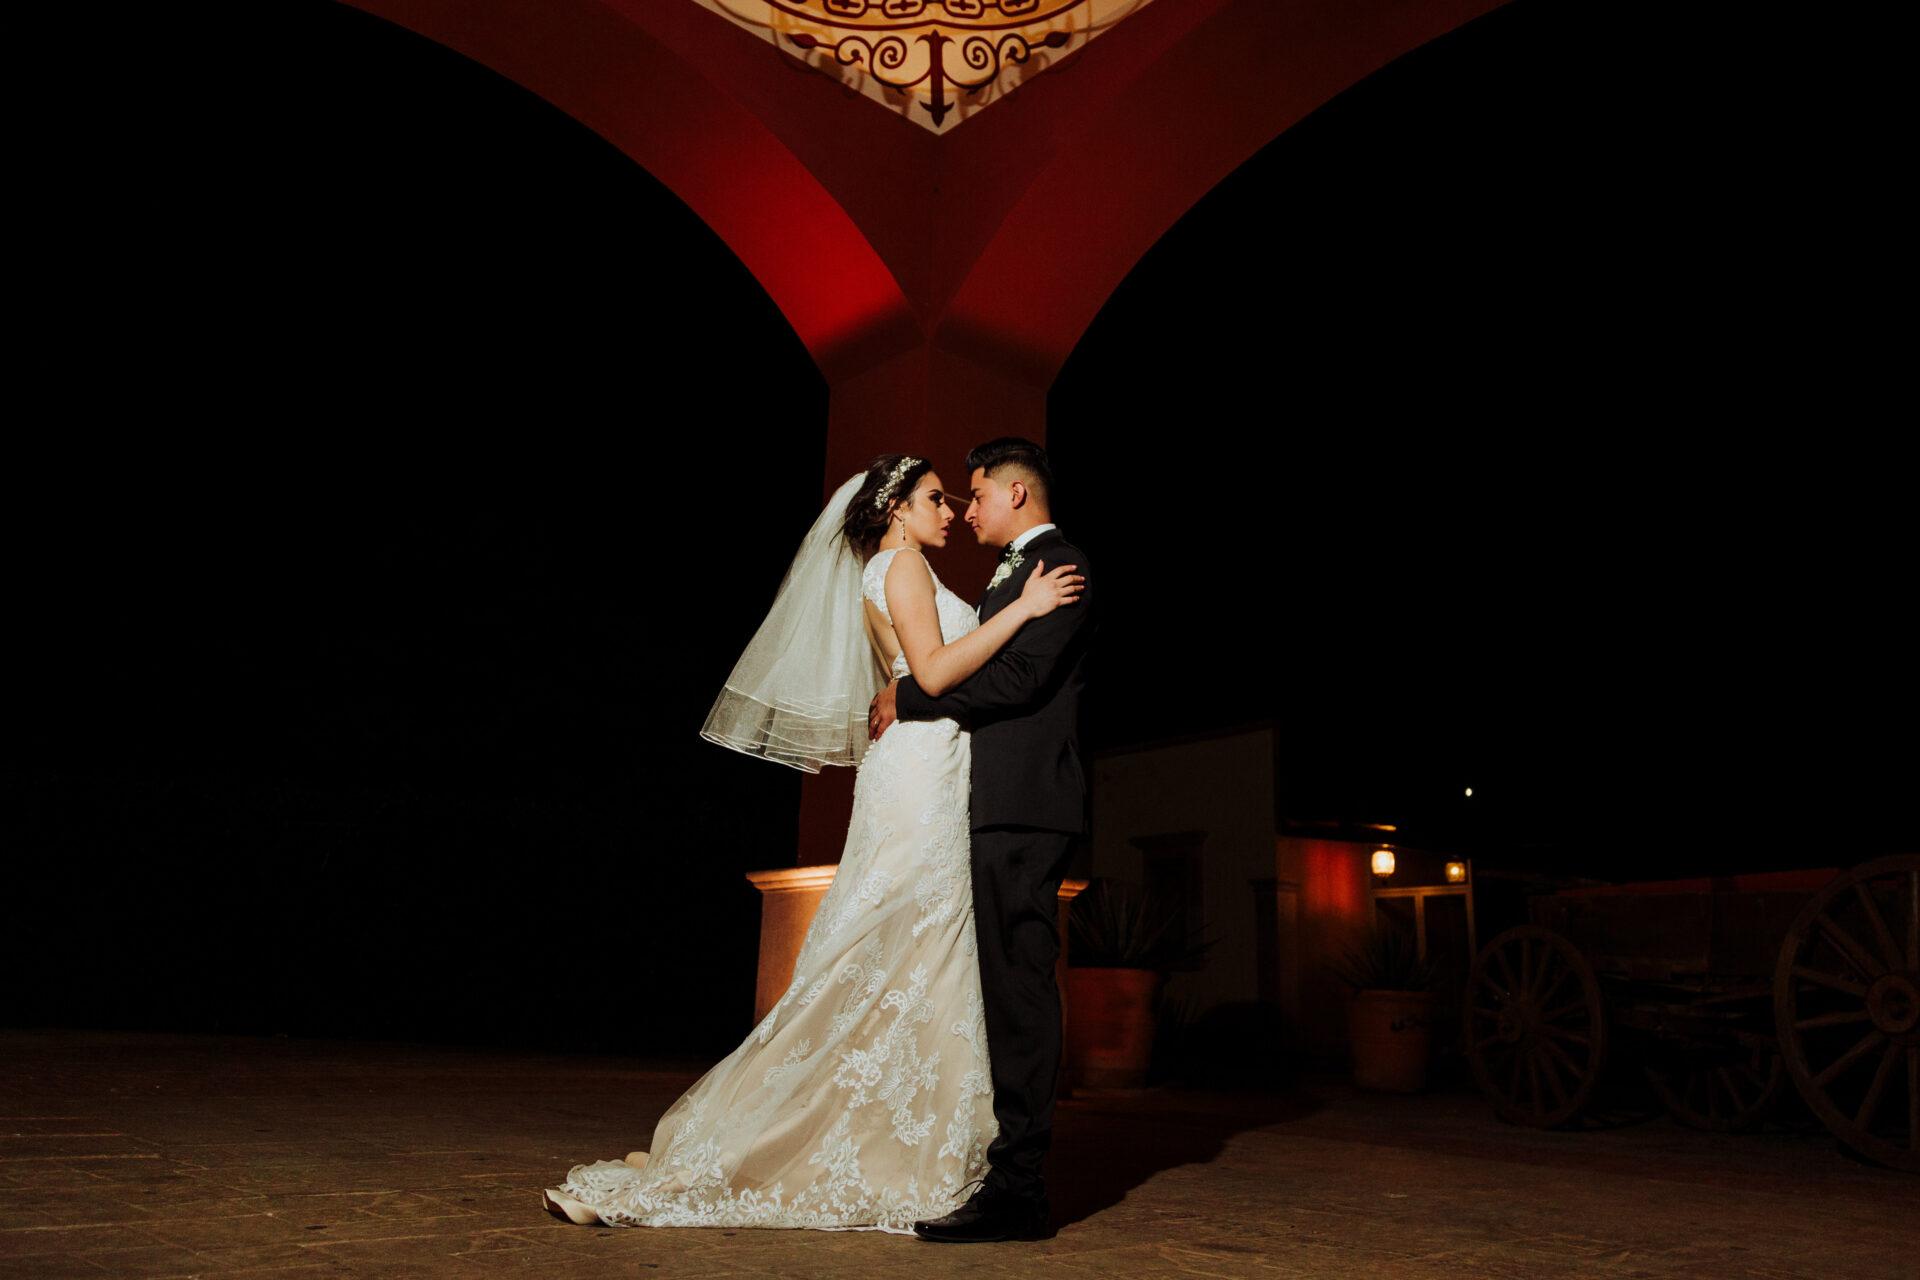 javier_noriega_fotografo_Boda_san_ramon_zacatecas_wedding_photographer19